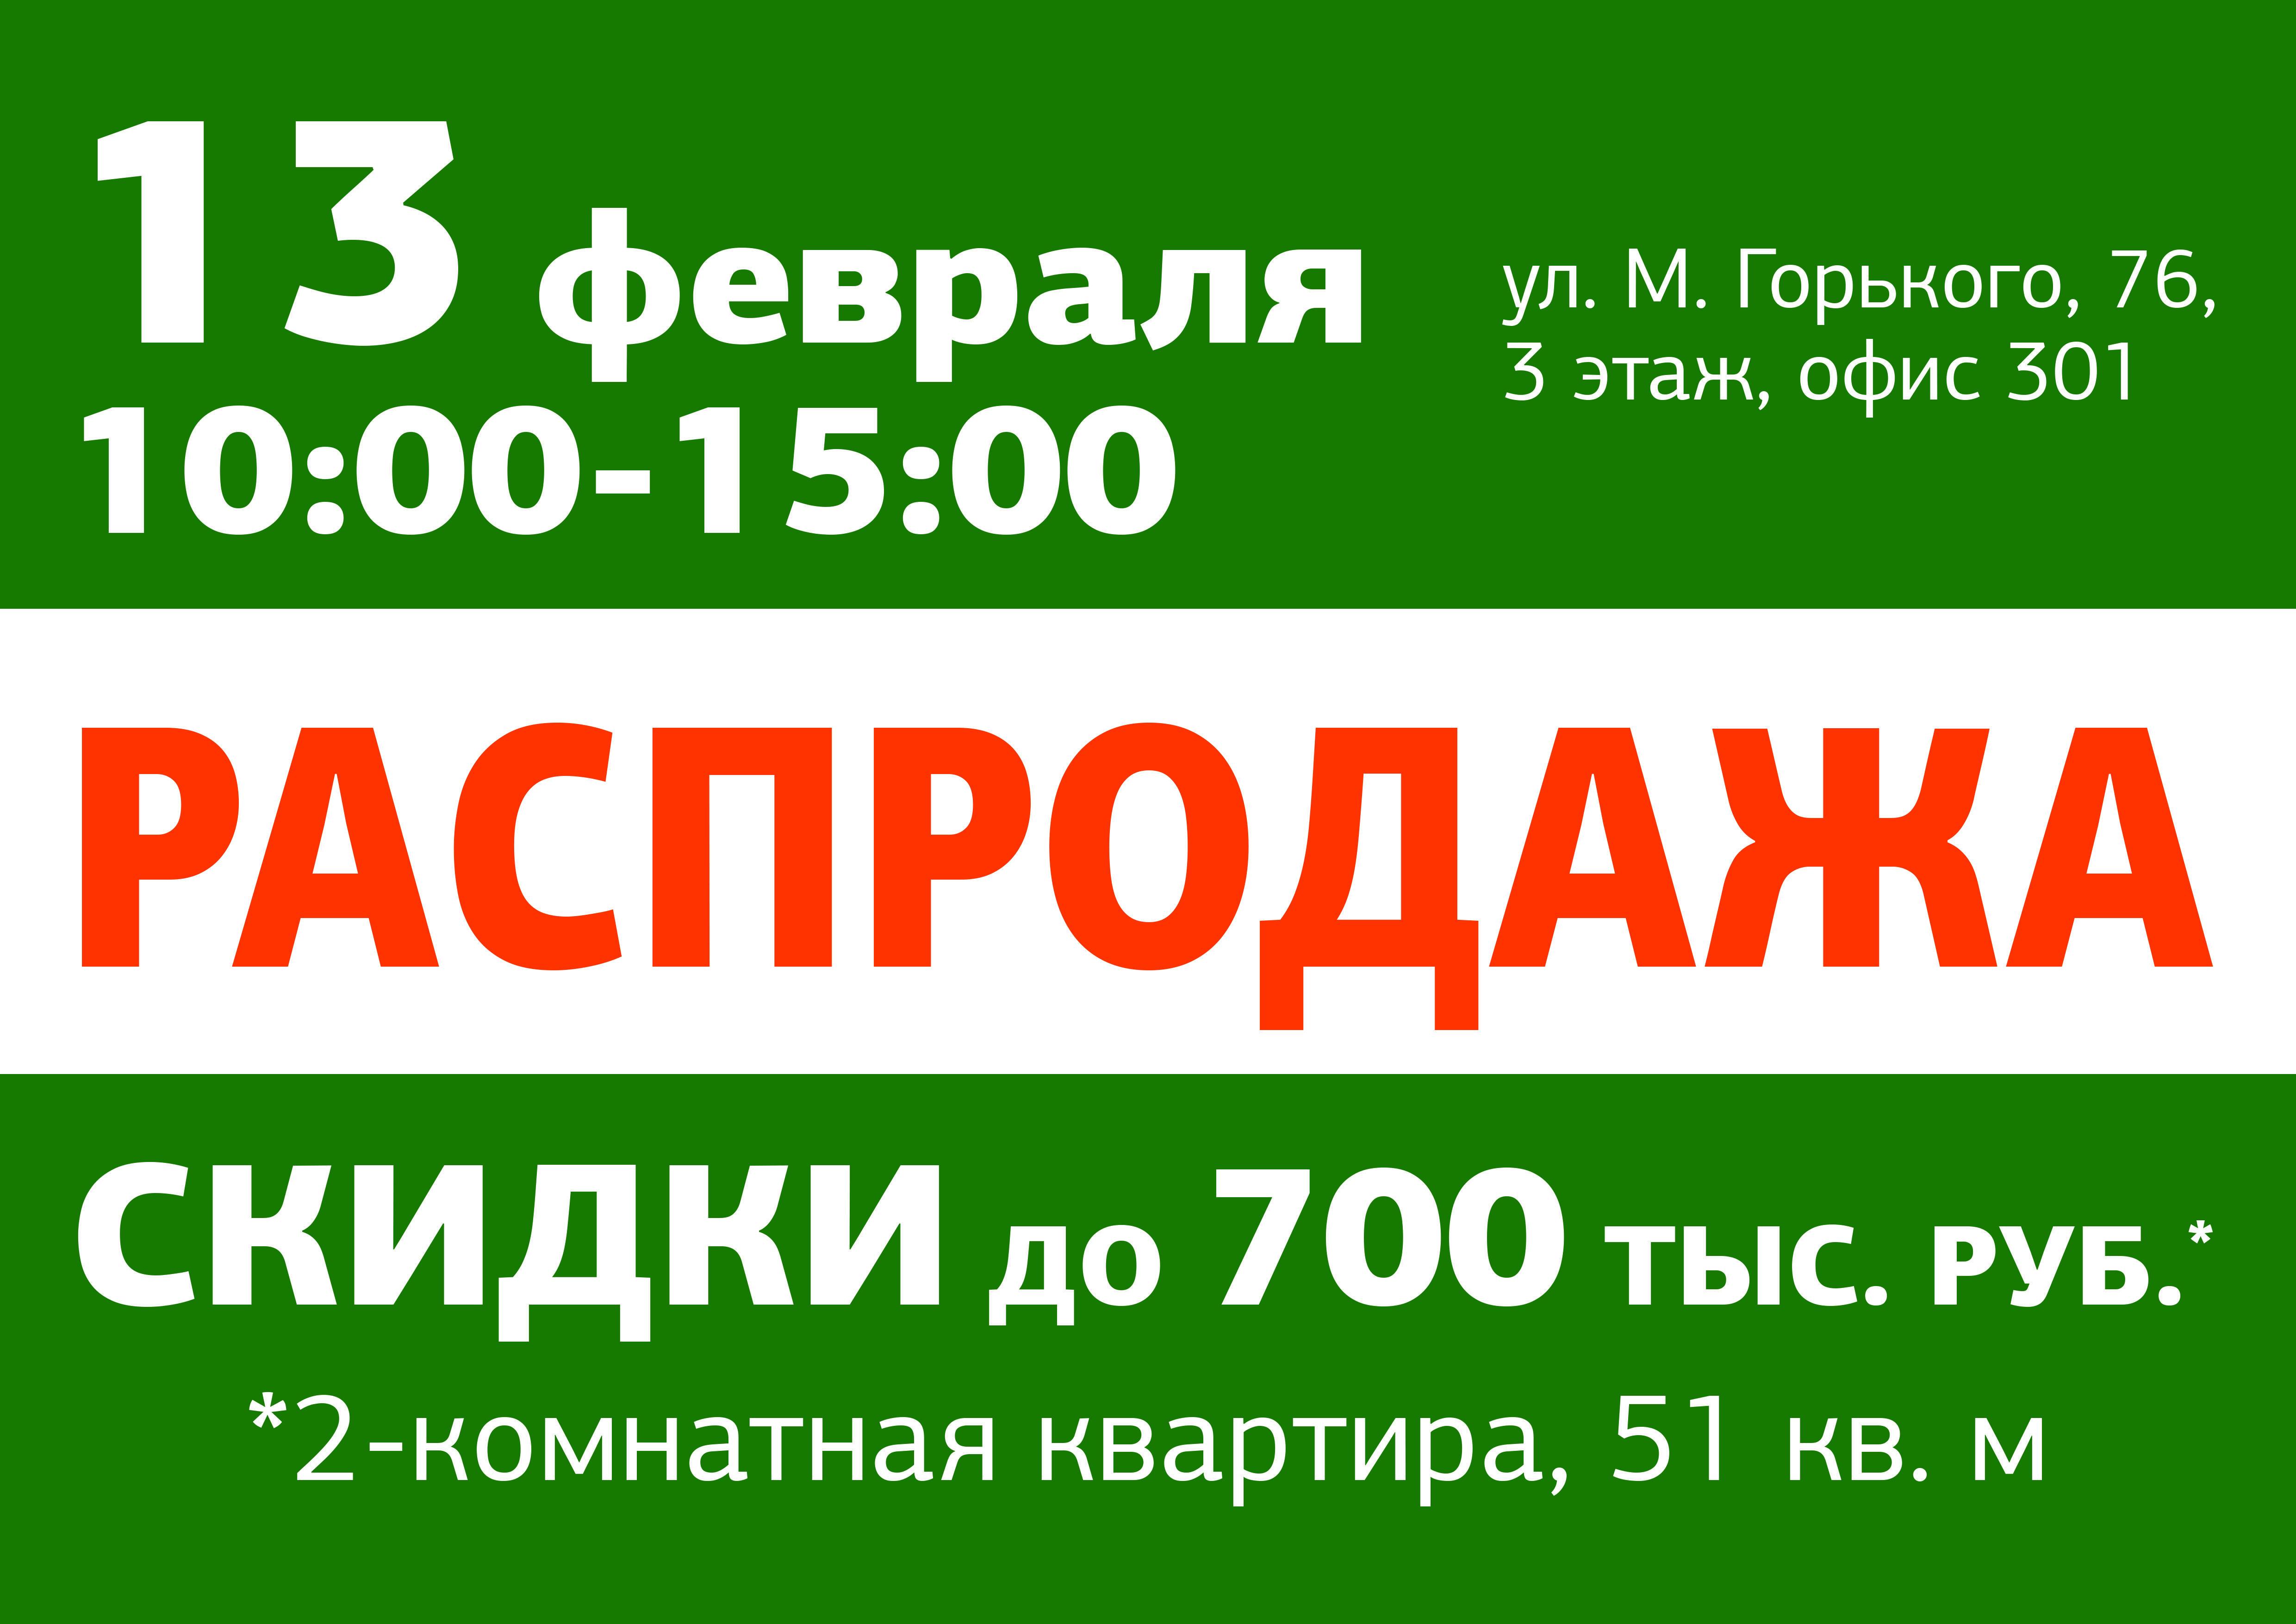 Распродажа квартир в Юнидоме. Экономь до 700 тысяч рублей!